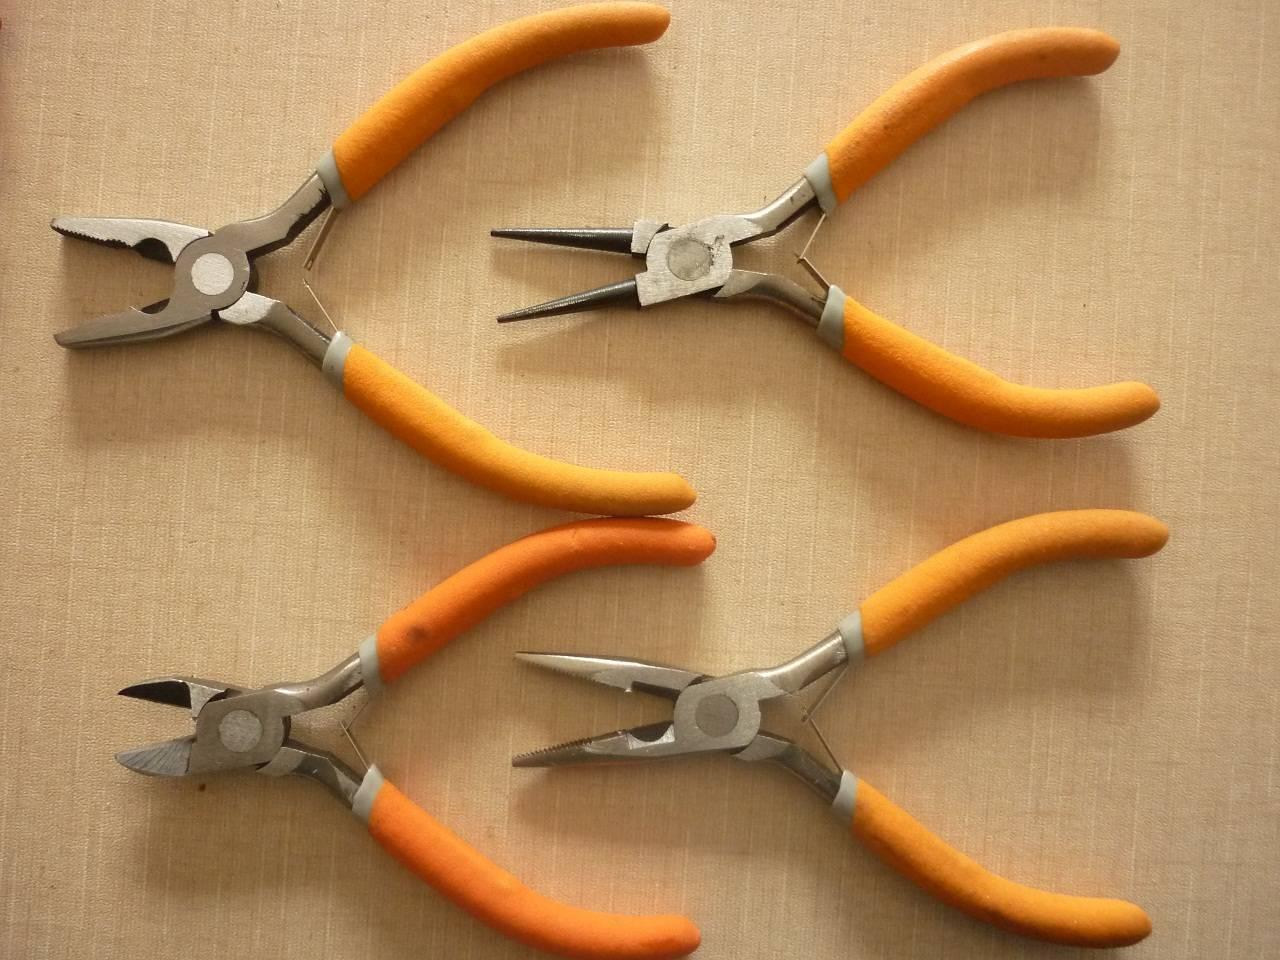 Jewelry Mini pliers